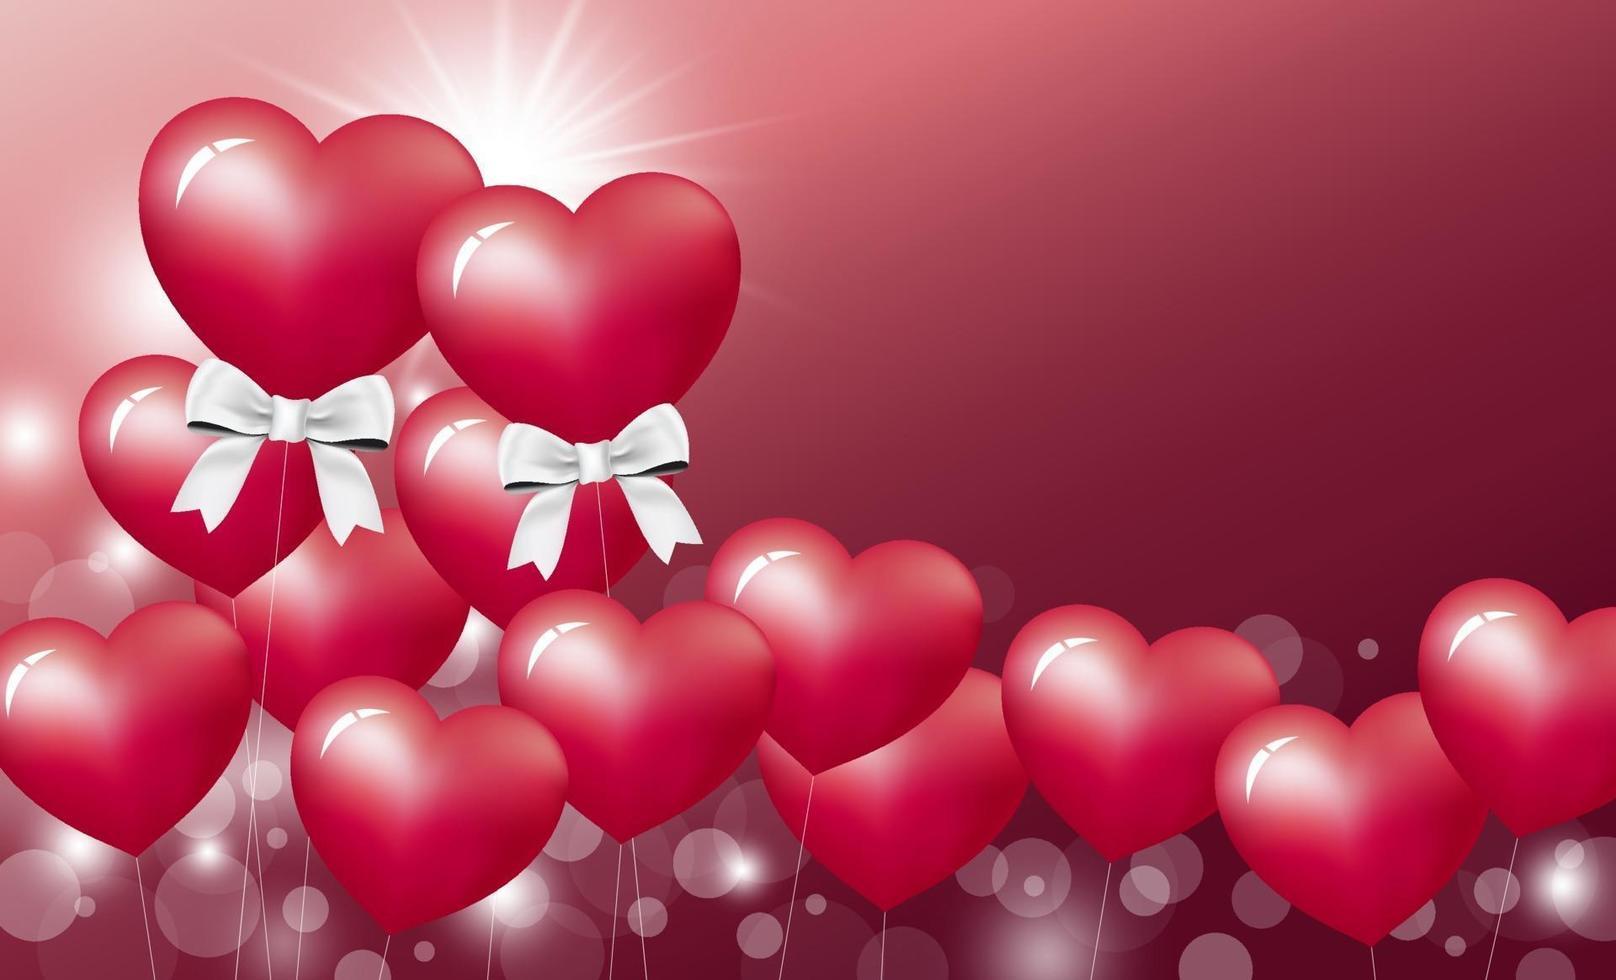 amo o projeto de conceito de balão de coração em fundo vermelho, dia dos namorados e ilustração vetorial de casamento vetor